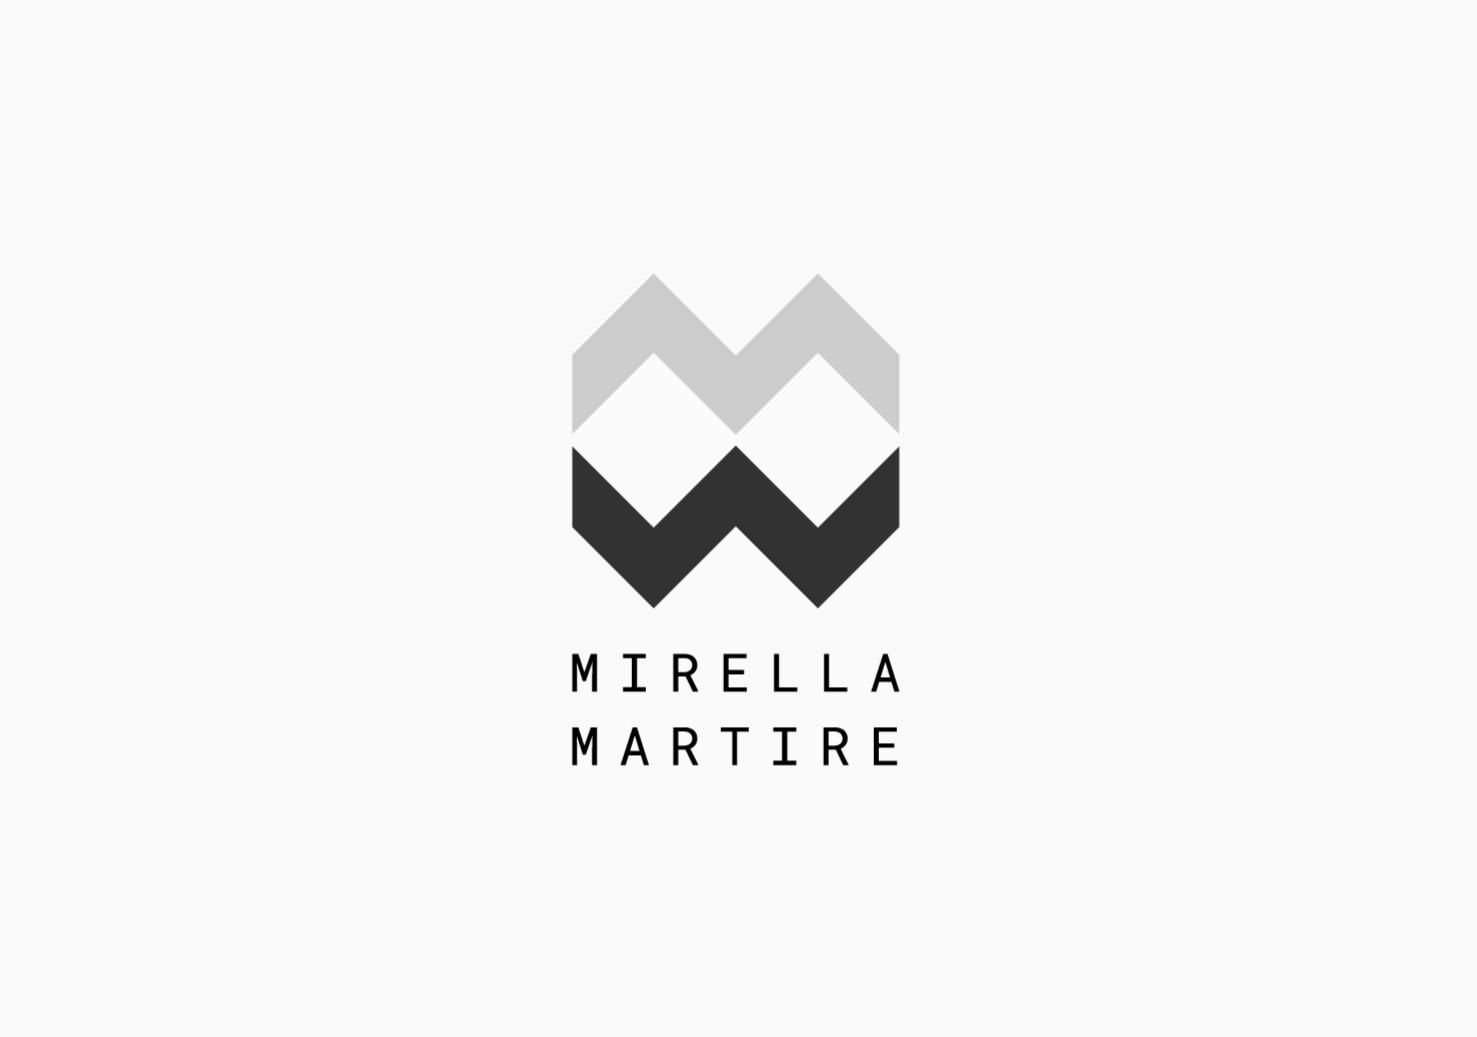 MM-Mirella-Martire_logo_1.jpg